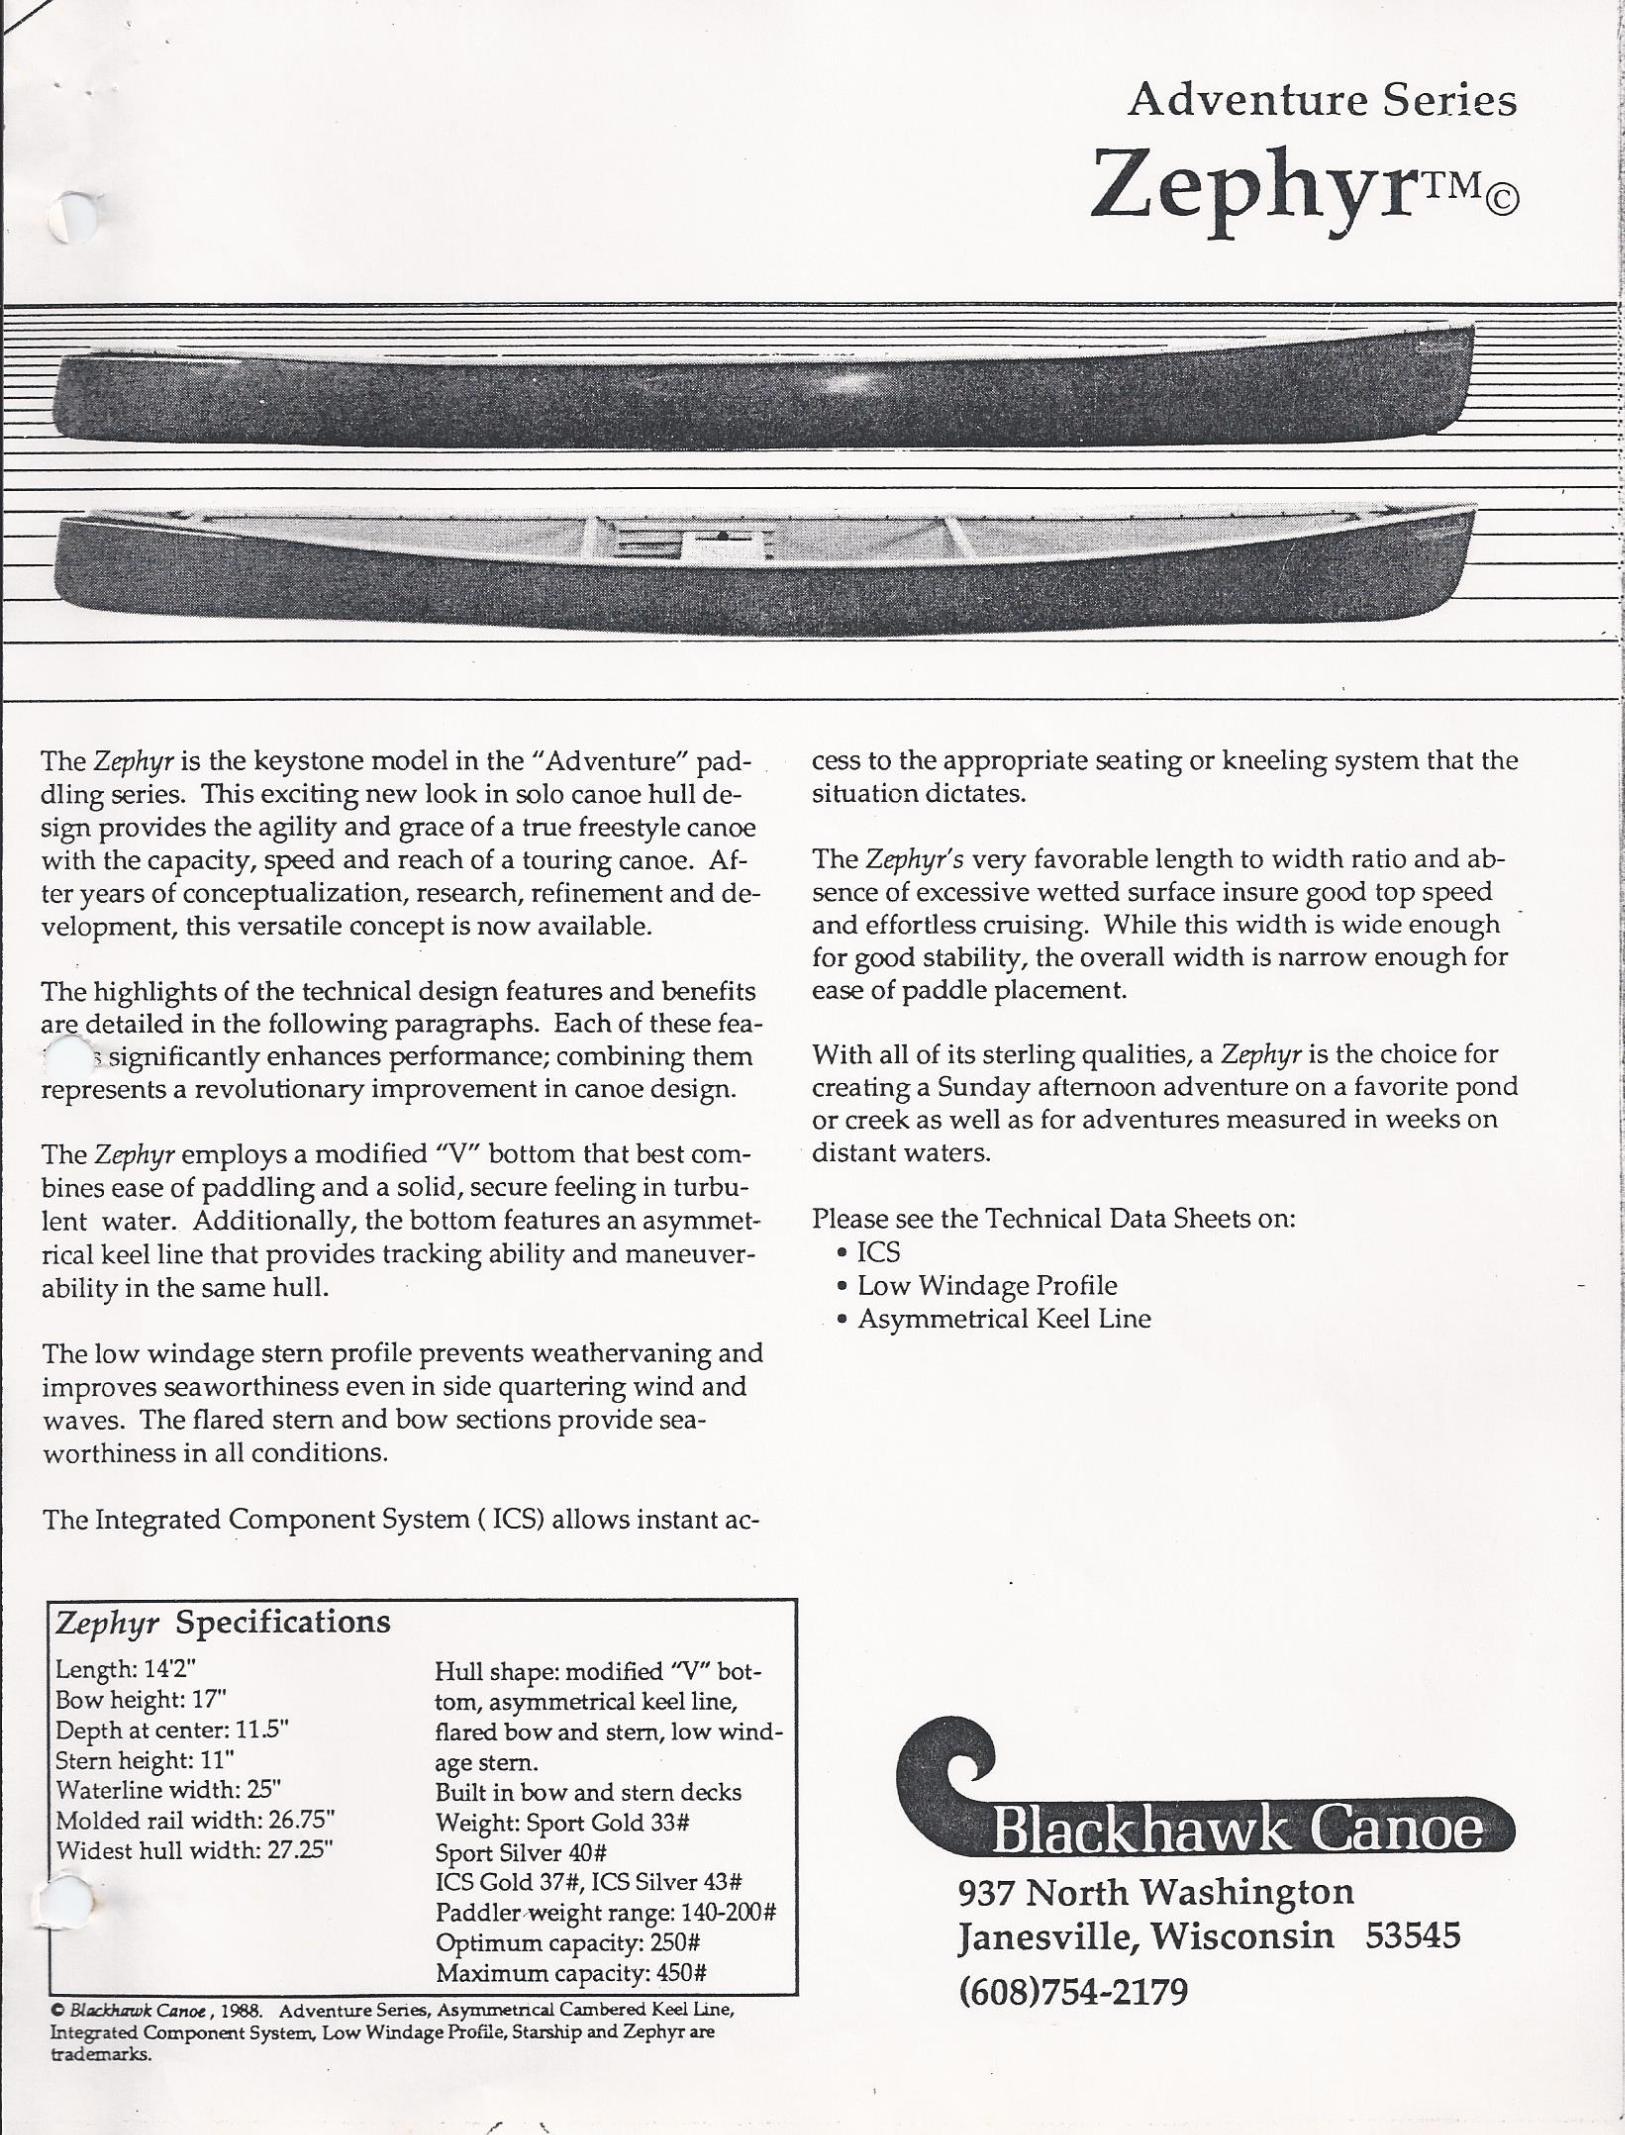 Blackhawk Zephyr Spec Sheet